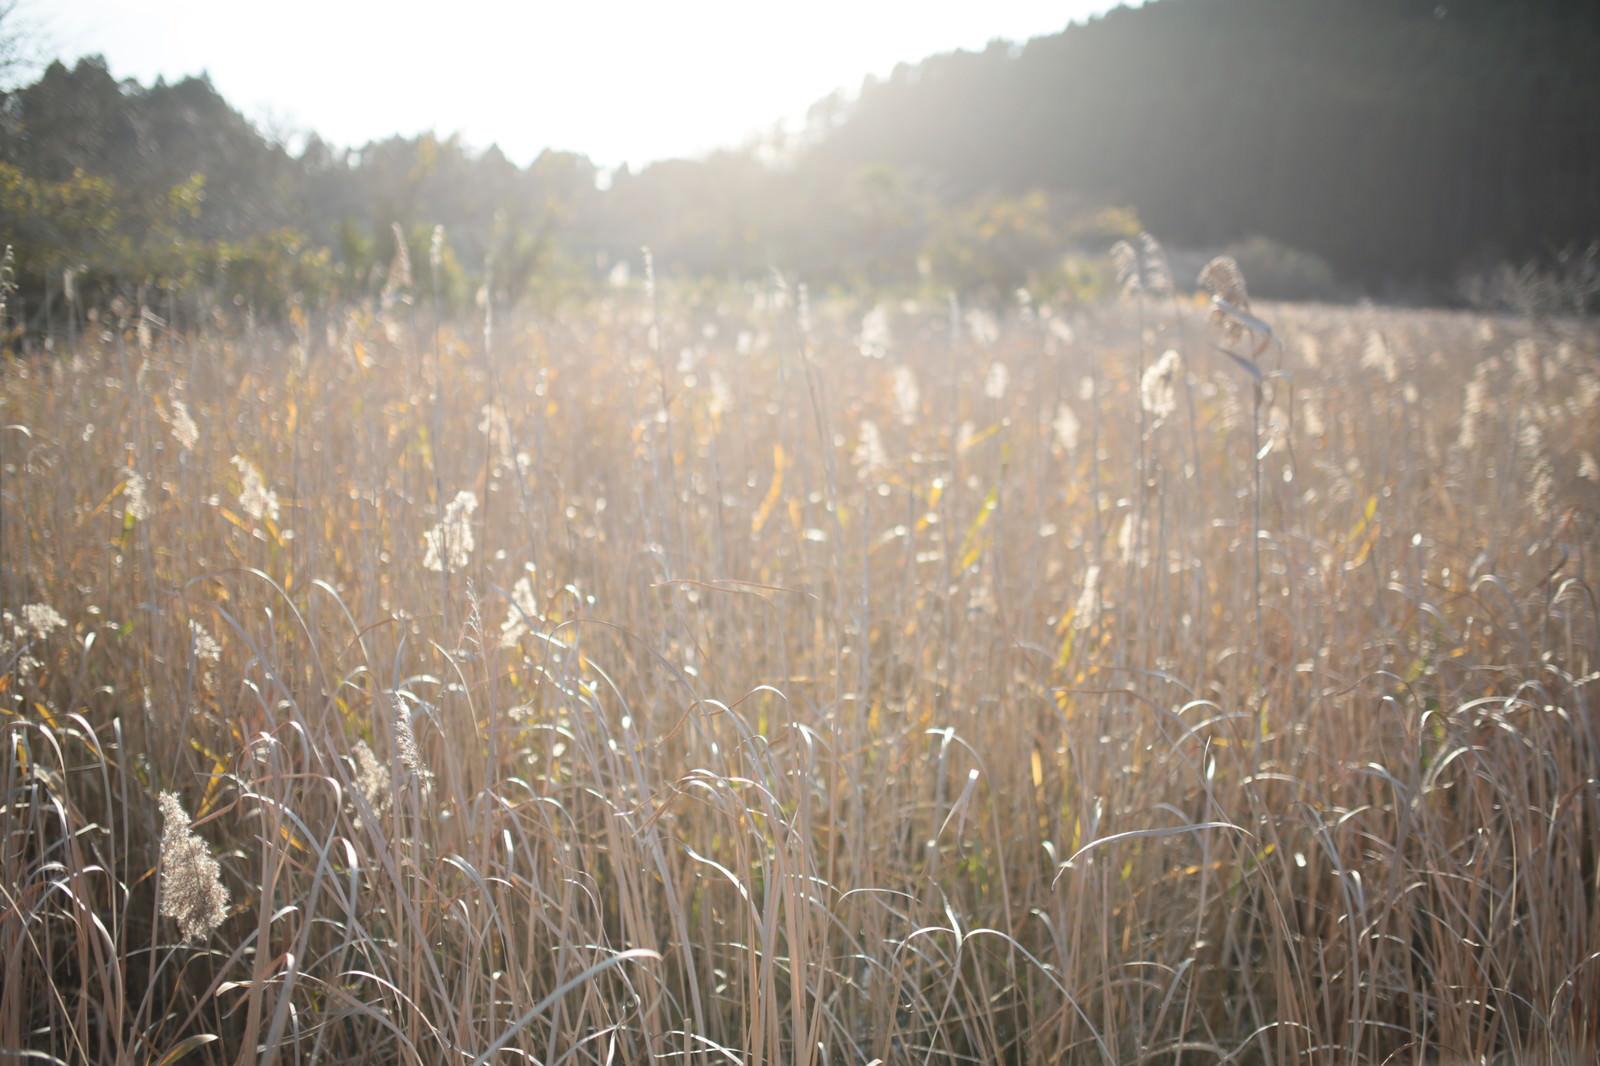 「トンボの沼の水生植物(千葉県いすみ市)トンボの沼の水生植物(千葉県いすみ市)」のフリー写真素材を拡大